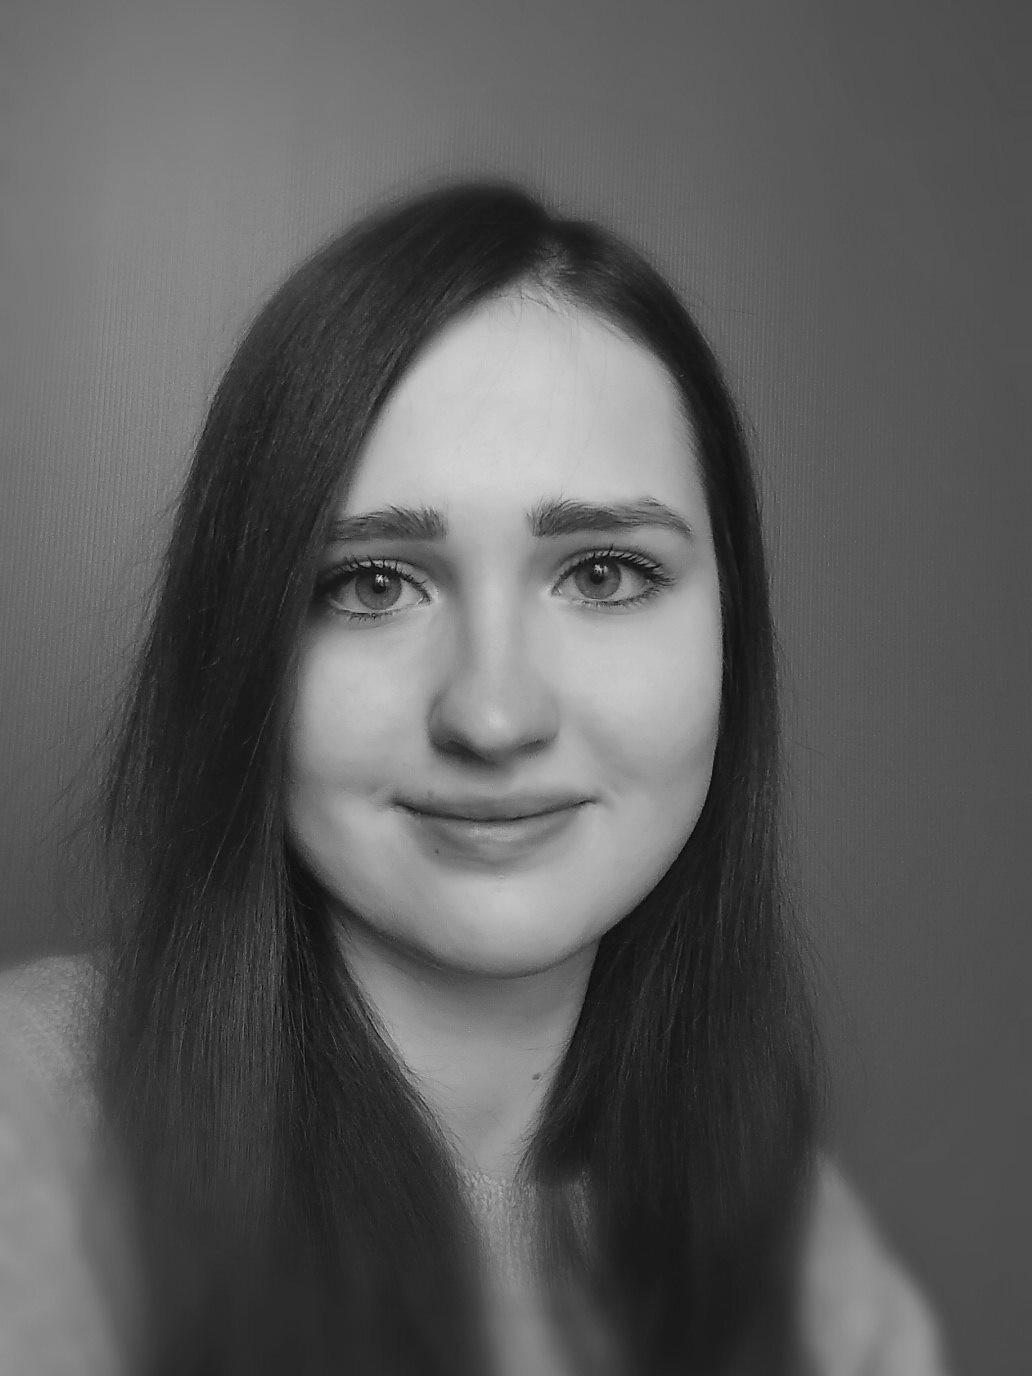 Ruta Velykytė